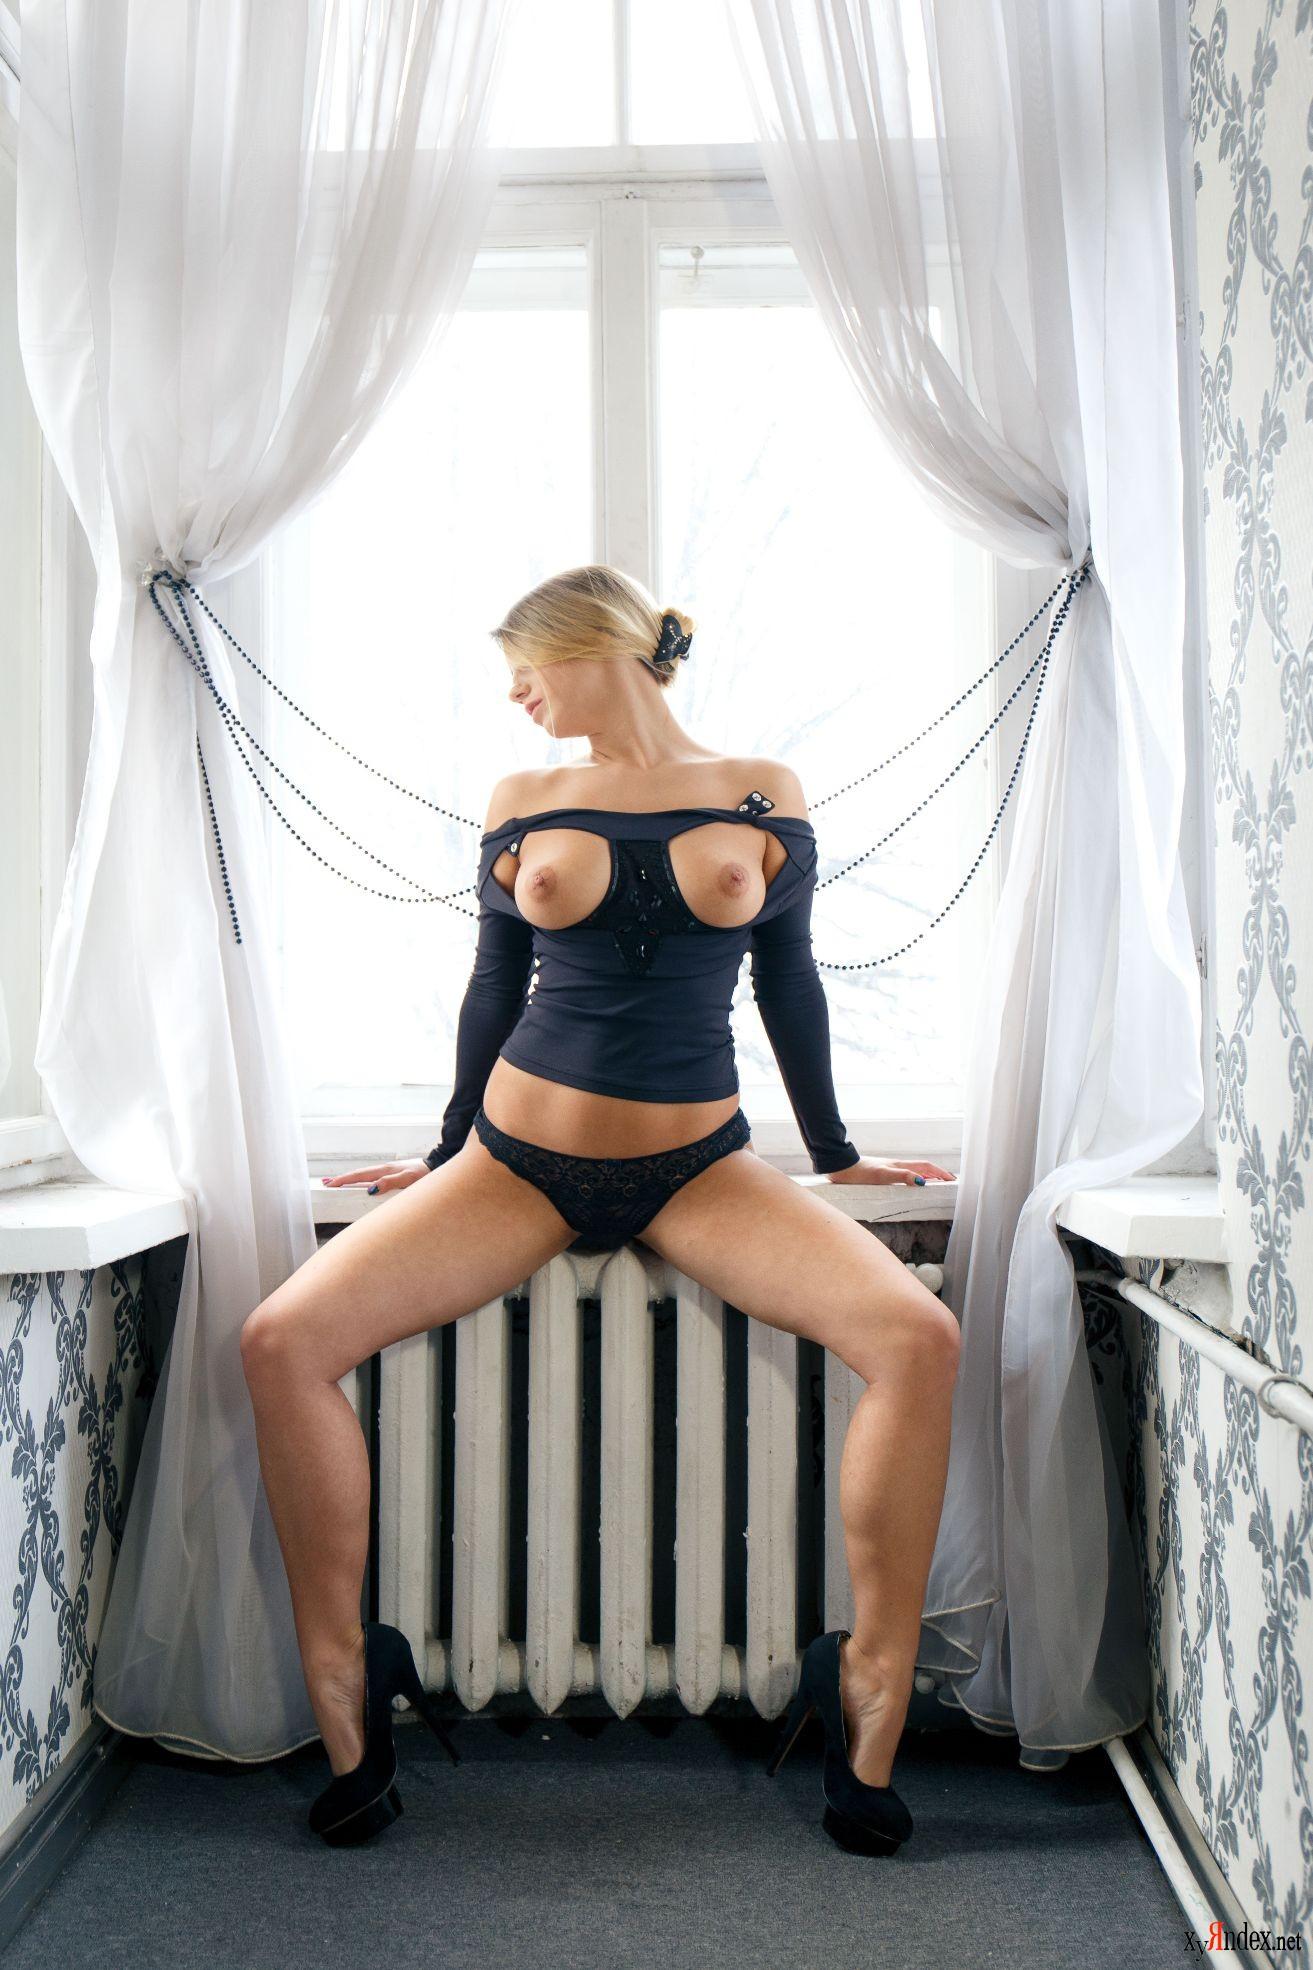 Angelica sin HQ porn search